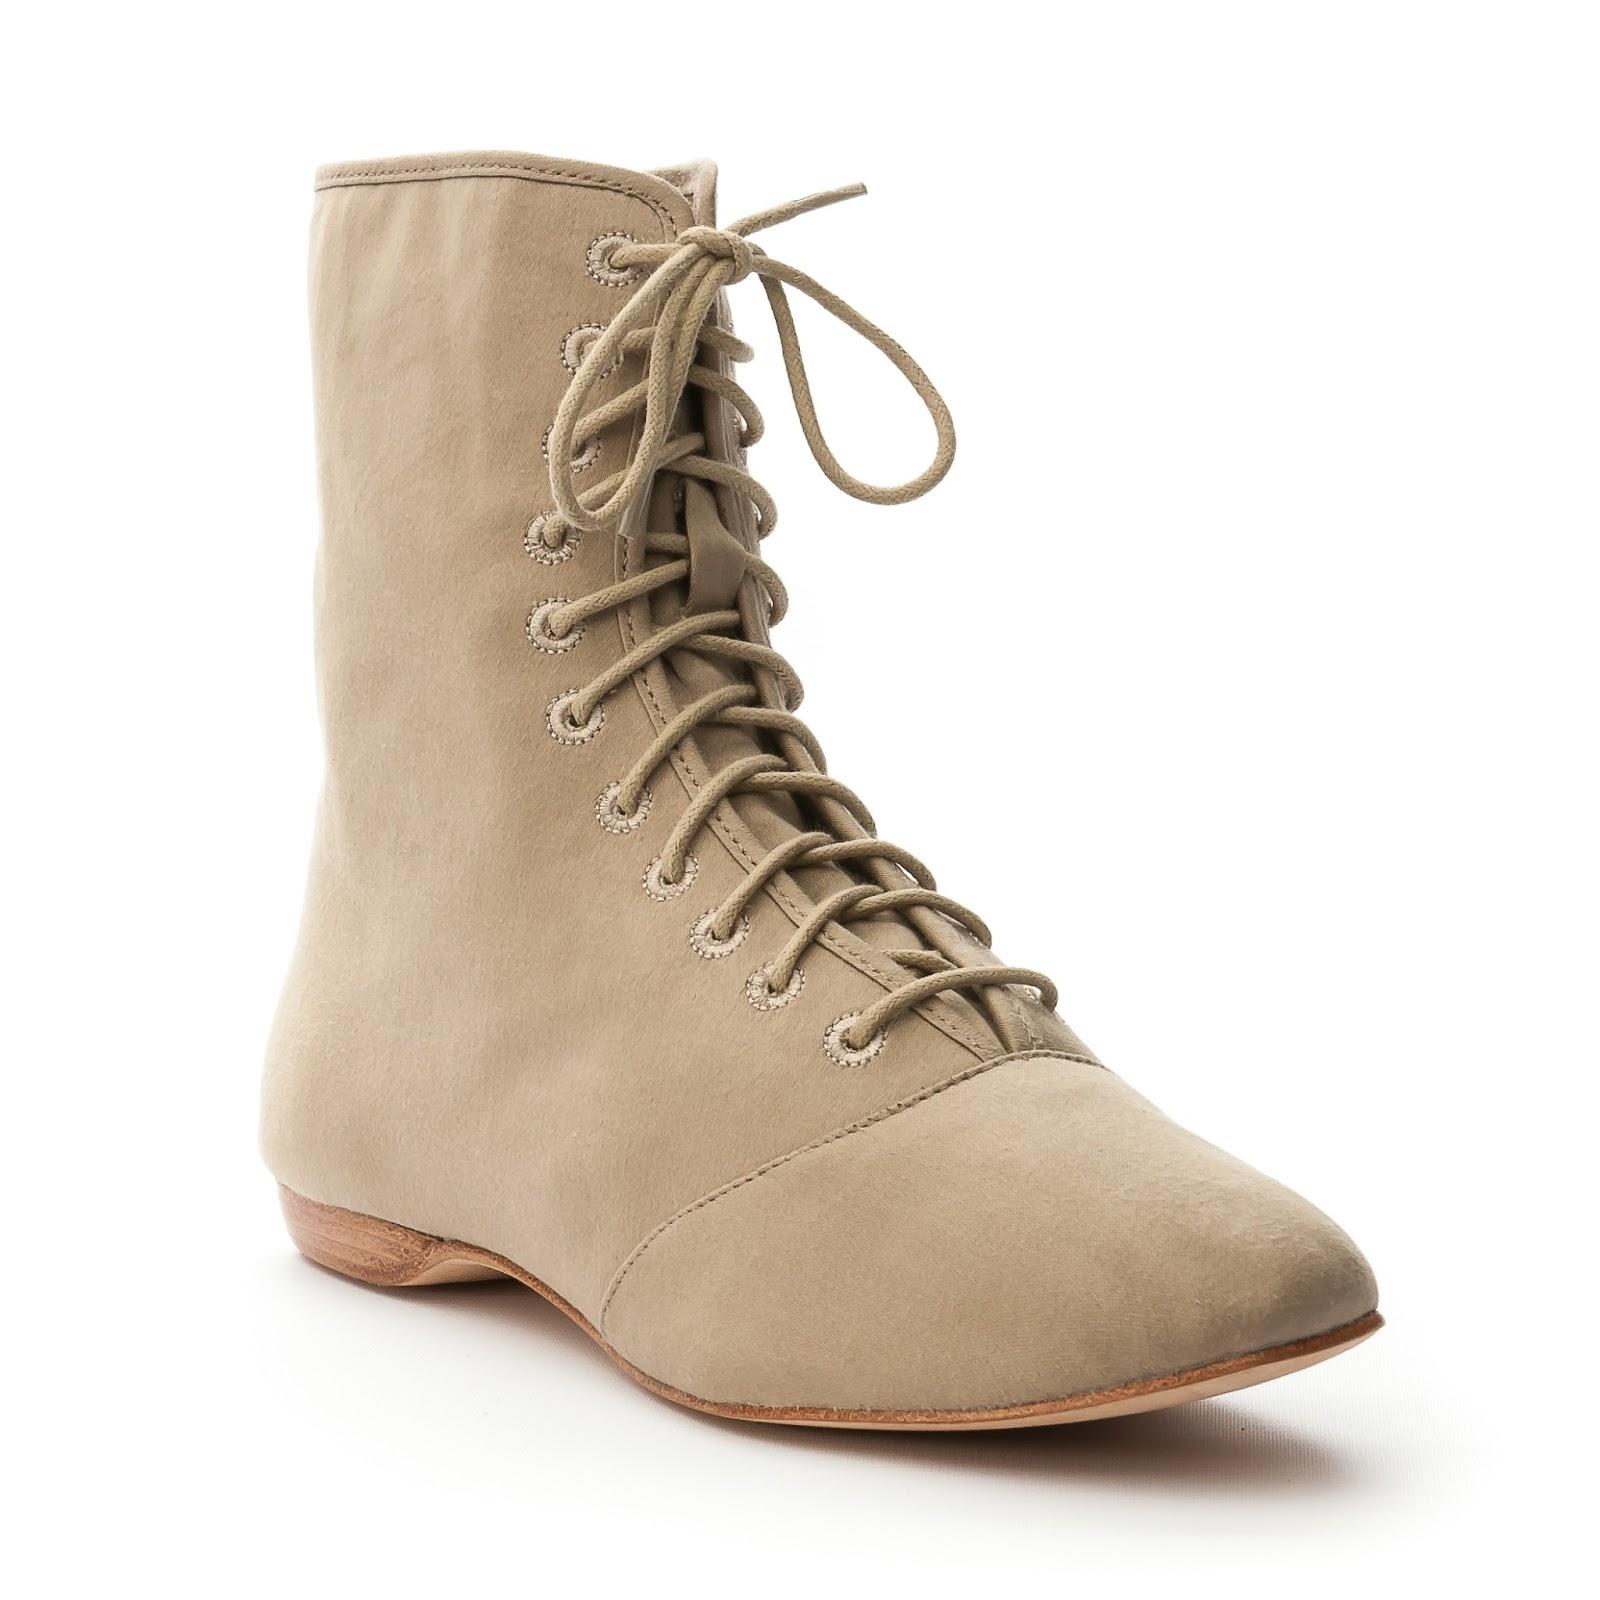 Nankeen Regency boots